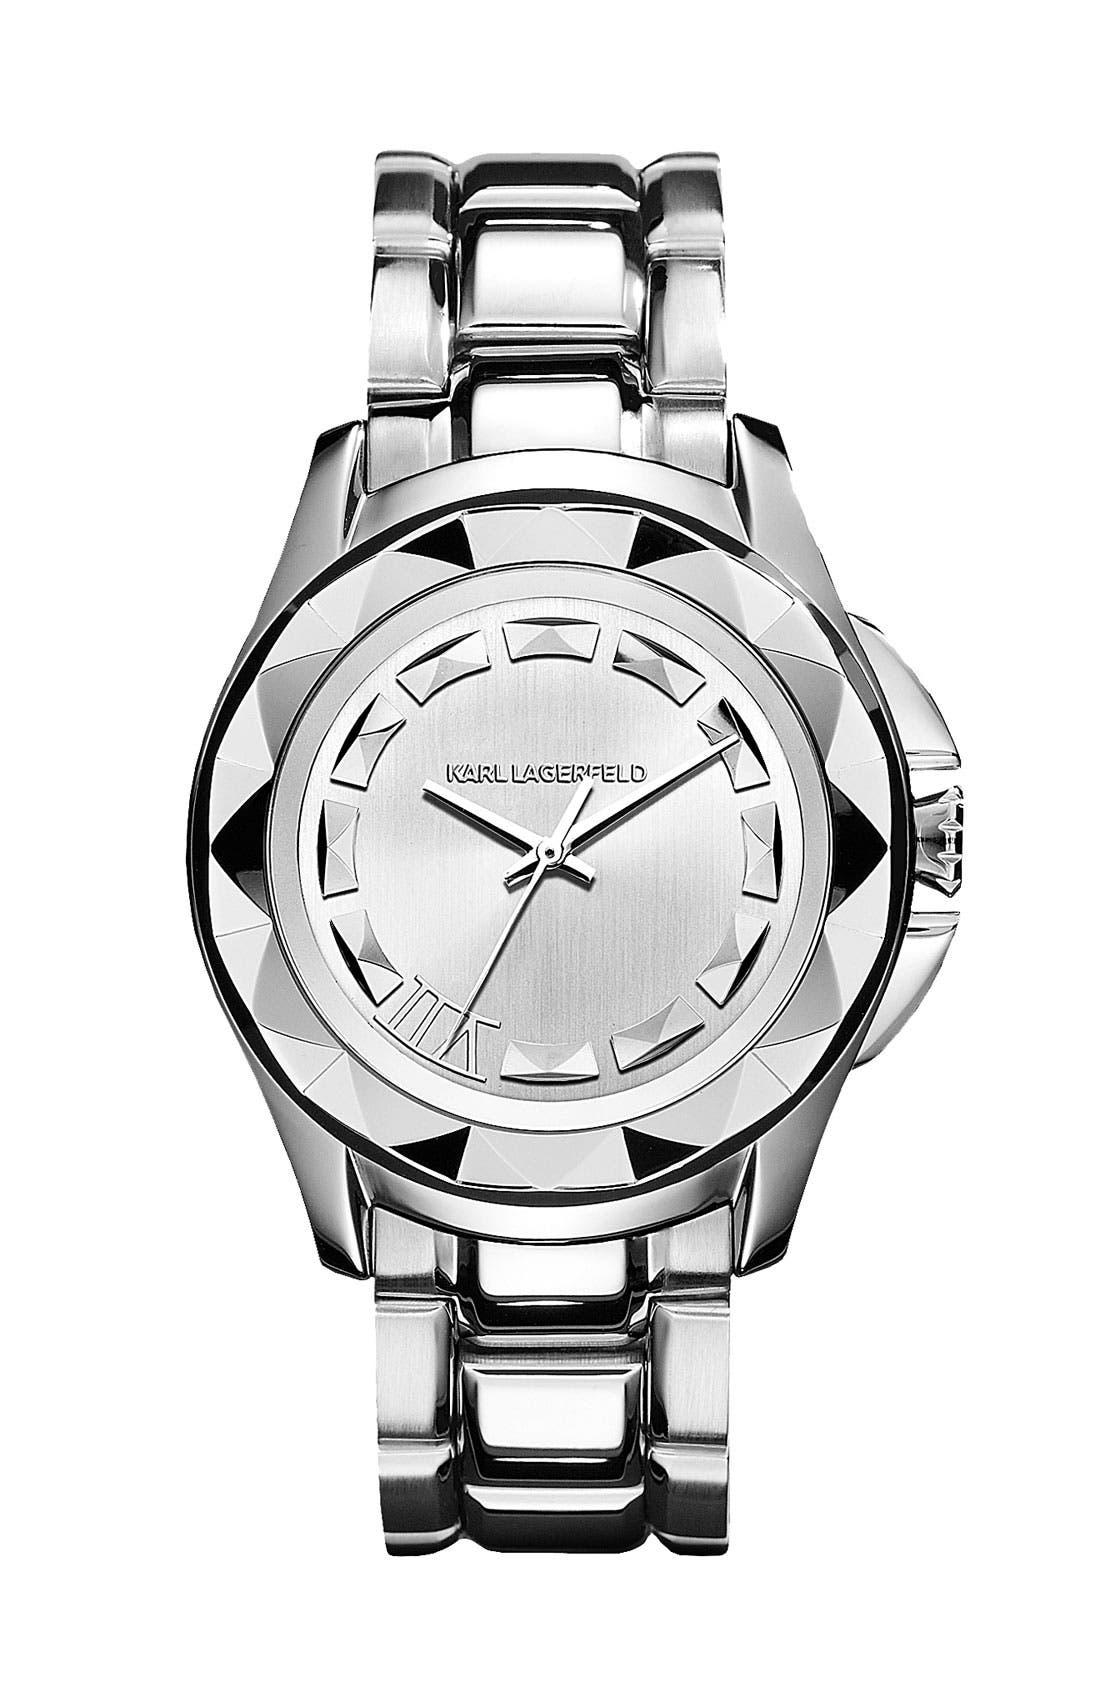 Main Image - KARL LAGERFELD '7' Faceted Bezel Bracelet Watch, 36mm